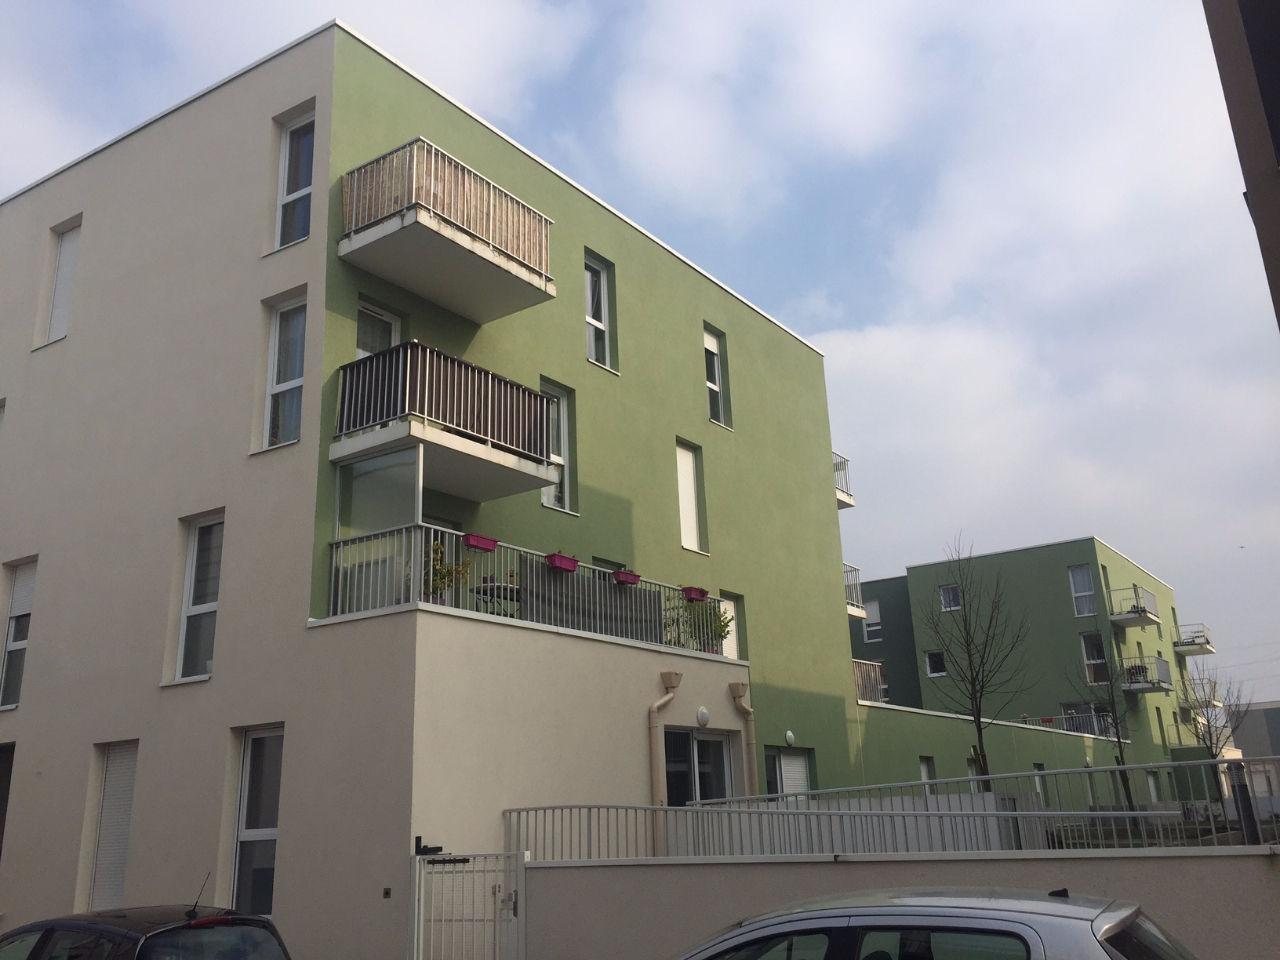 annonce vente appartement rouen 76100 71 m 139 000 992739486645. Black Bedroom Furniture Sets. Home Design Ideas